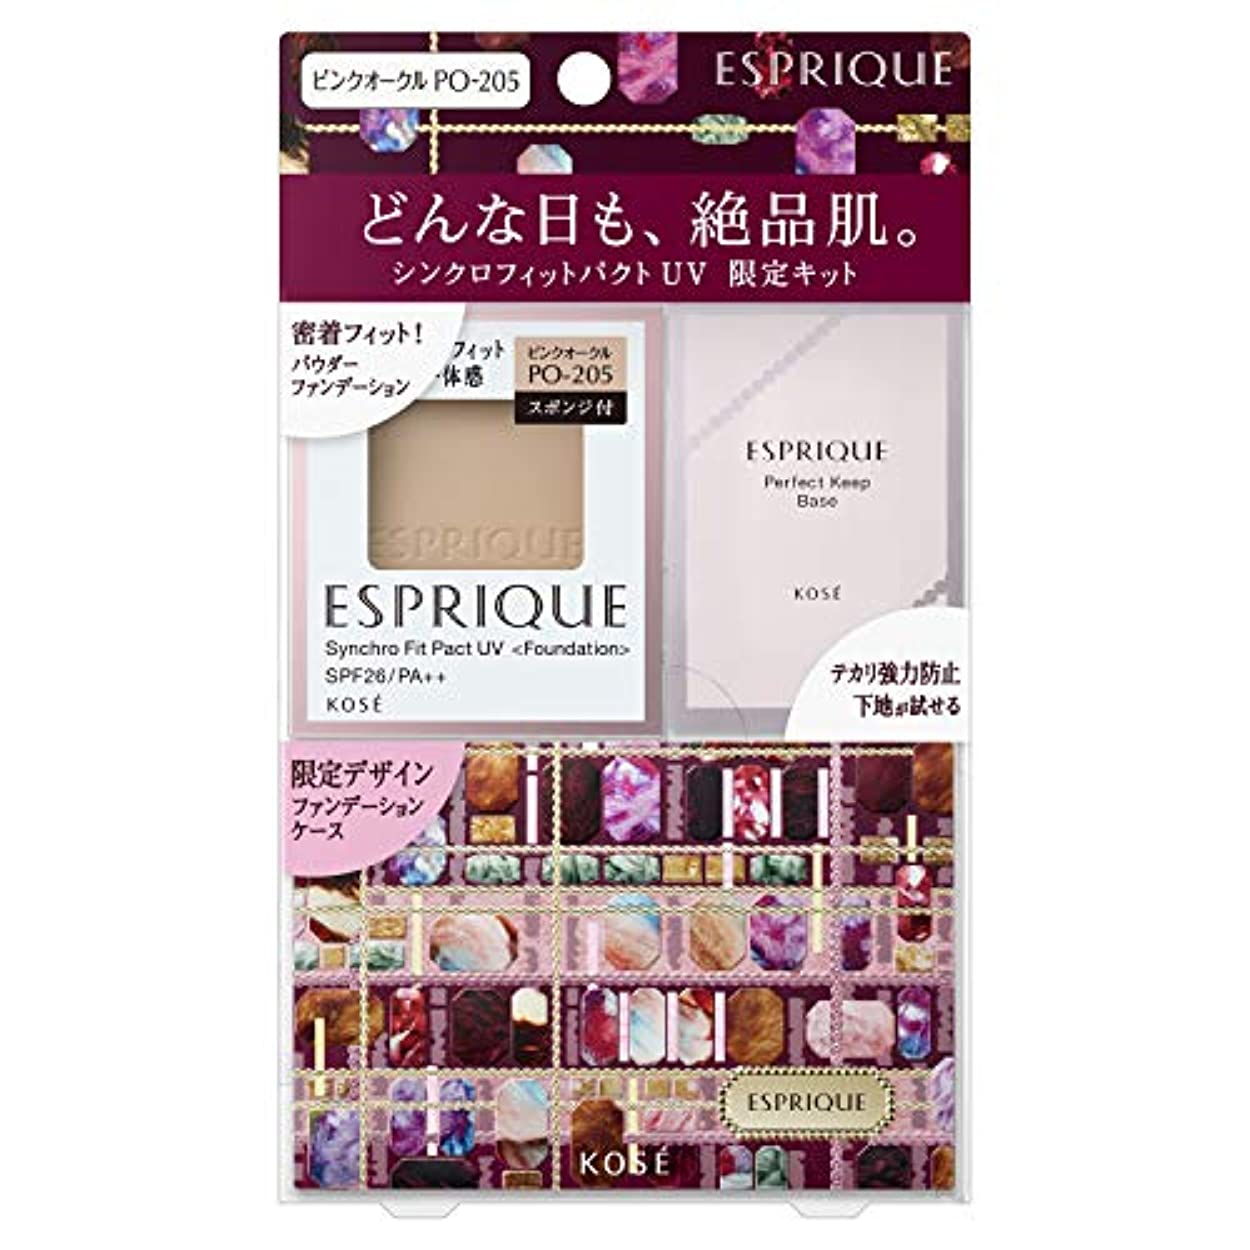 有効なアピール硬いエスプリーク シンクロフィット パクト UV 限定キット 2 PO-205 ピンクオークル